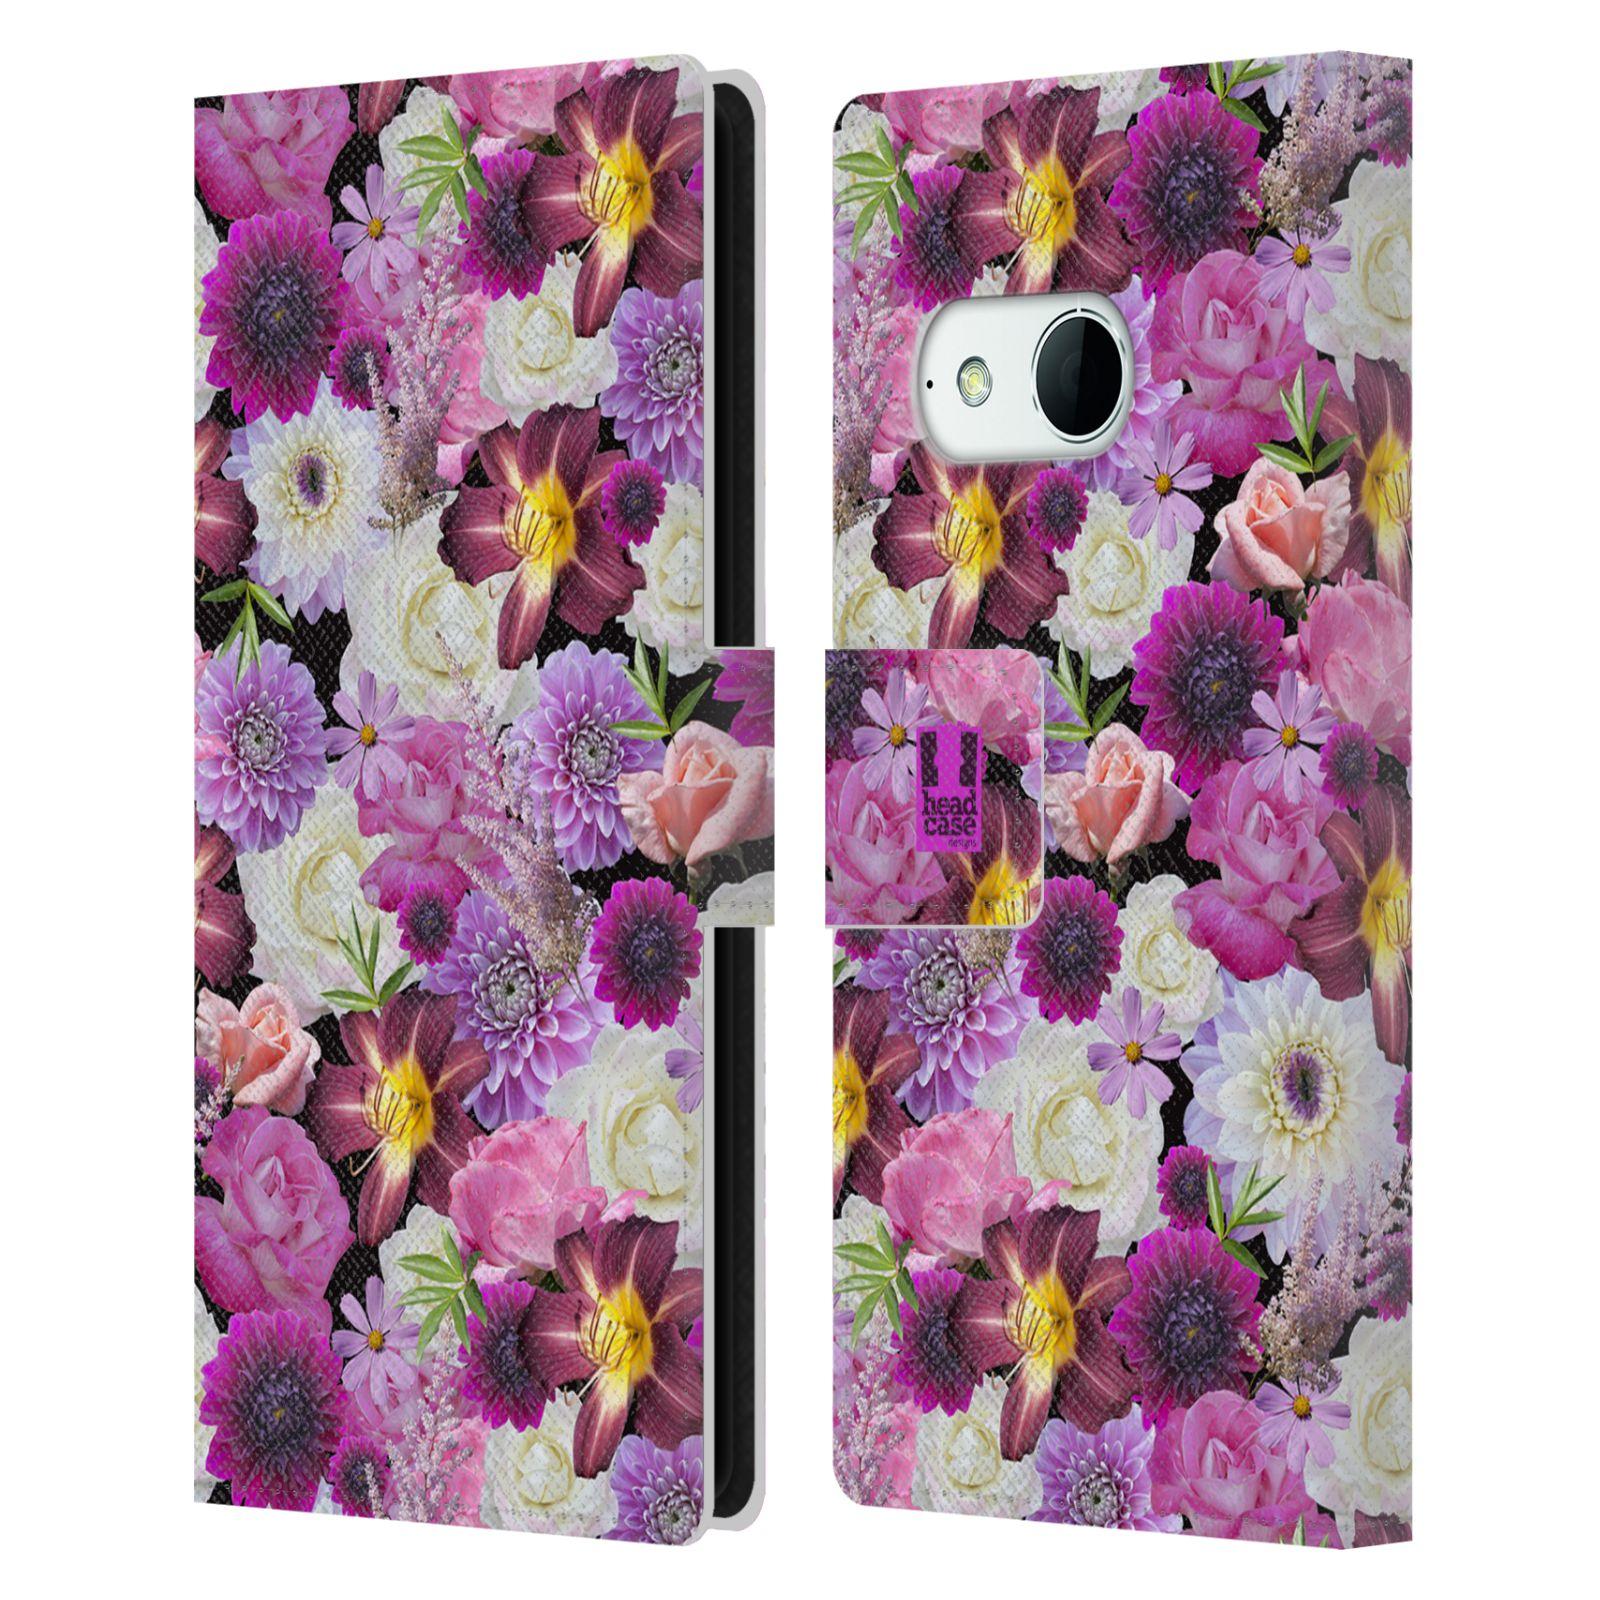 HEAD CASE Flipové pouzdro pro mobil HTC ONE MINI 2 (M8) květy foto fialová a bílá